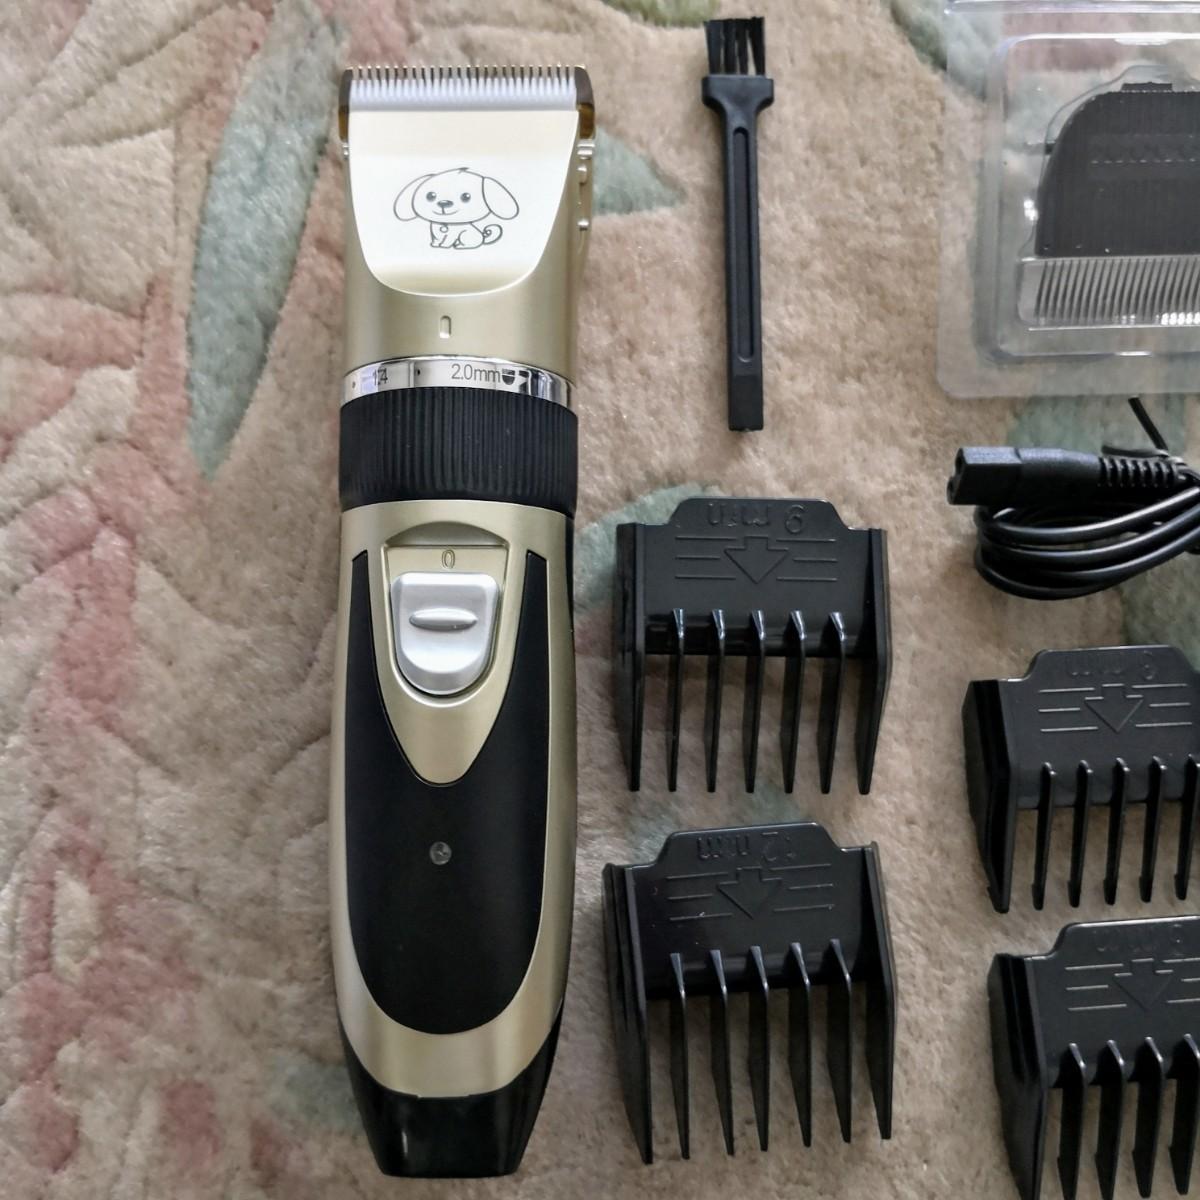 新品ペット用バリカン12点セット★充電式 5段階調節可能  水洗い可